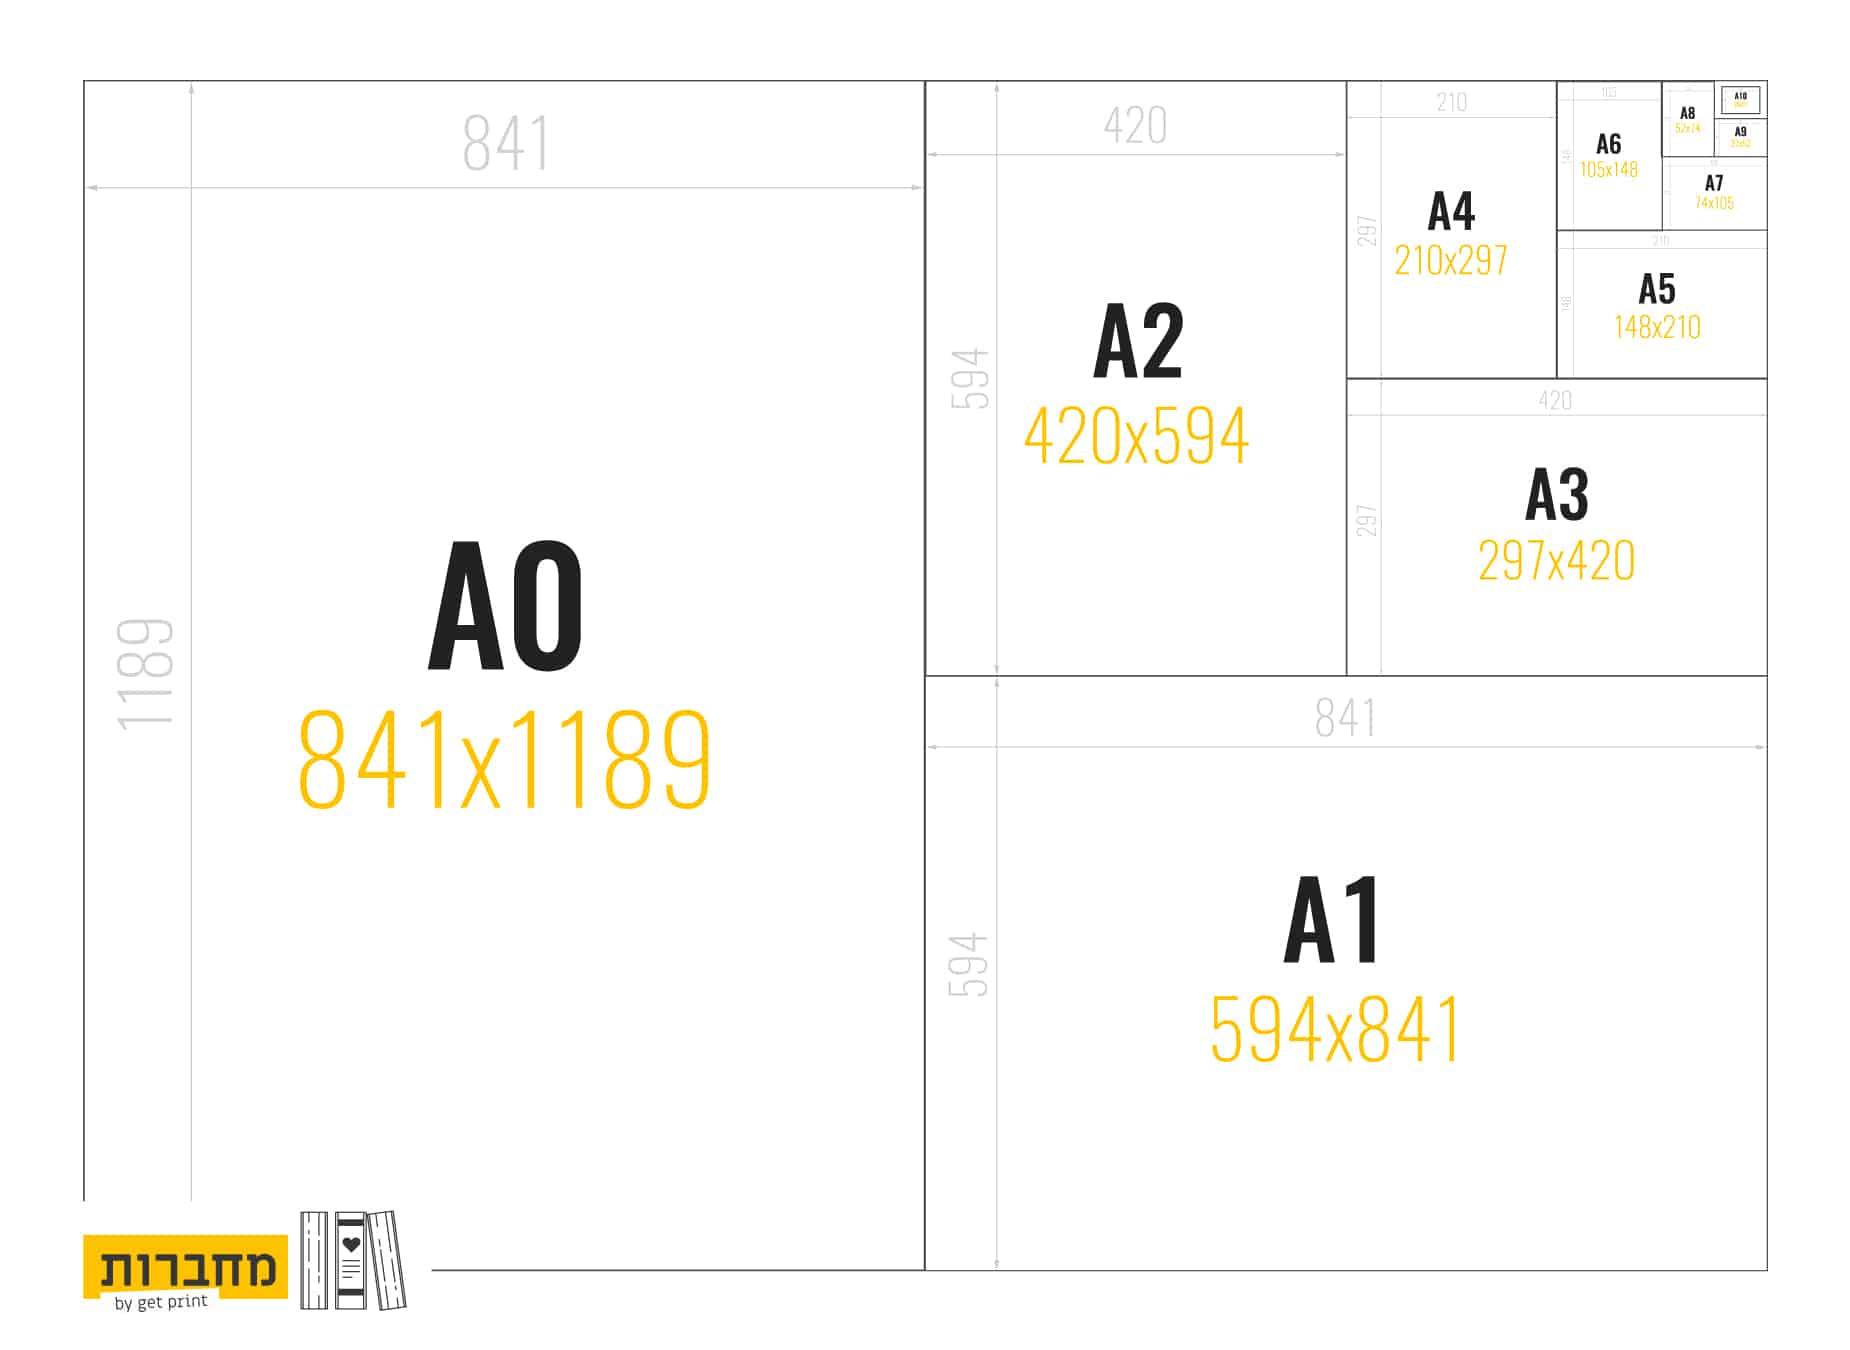 מידות-נייר-A4-A5-A6